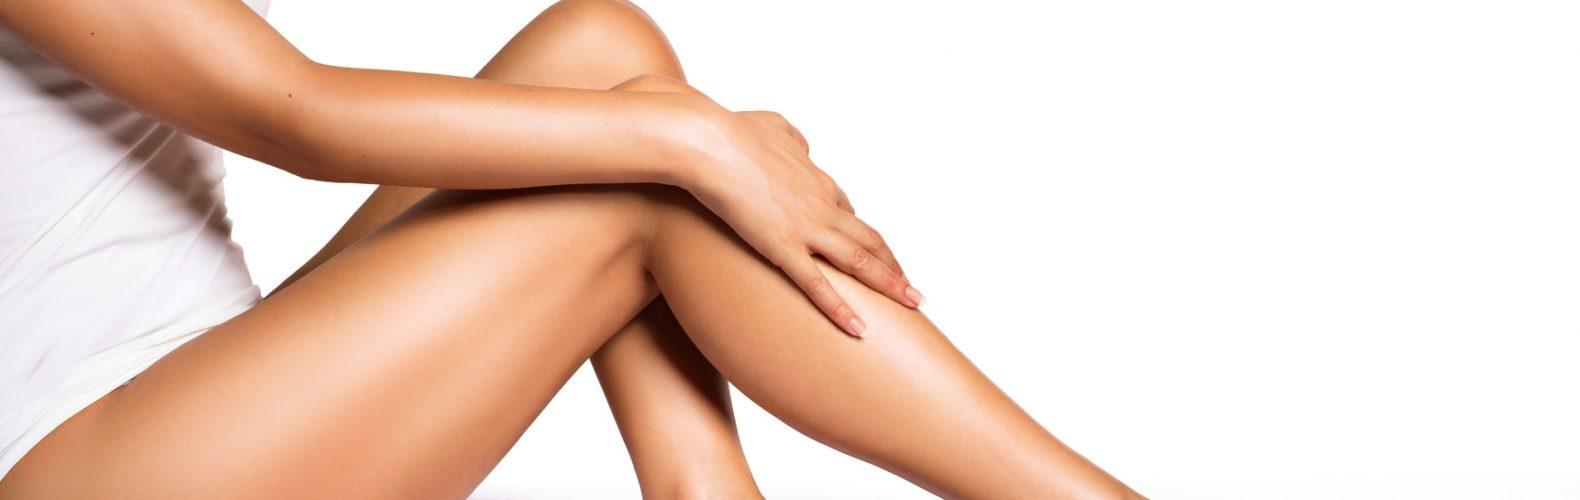 Schöne Beine